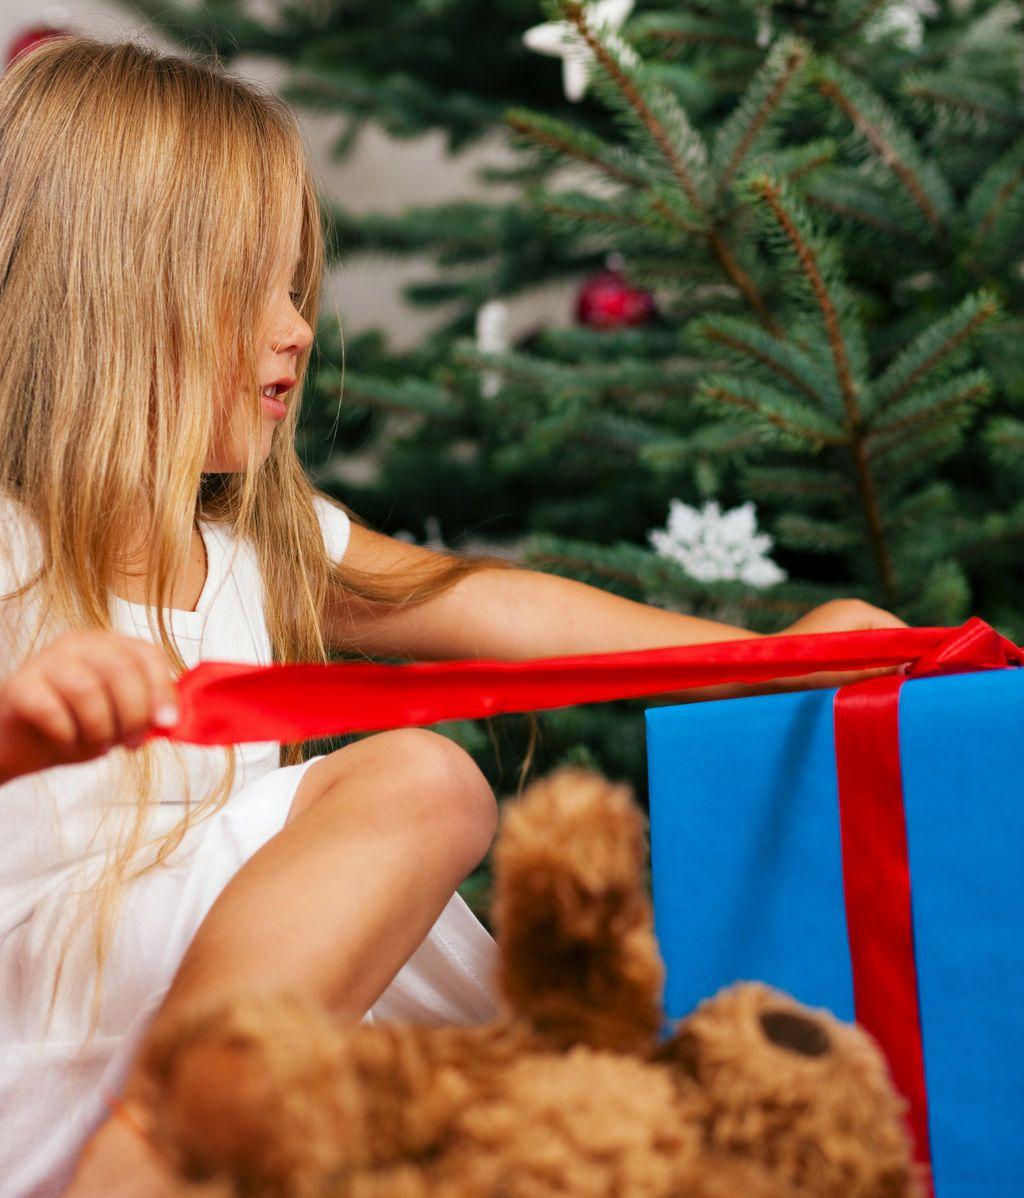 Así se abre un regalo de Navidad